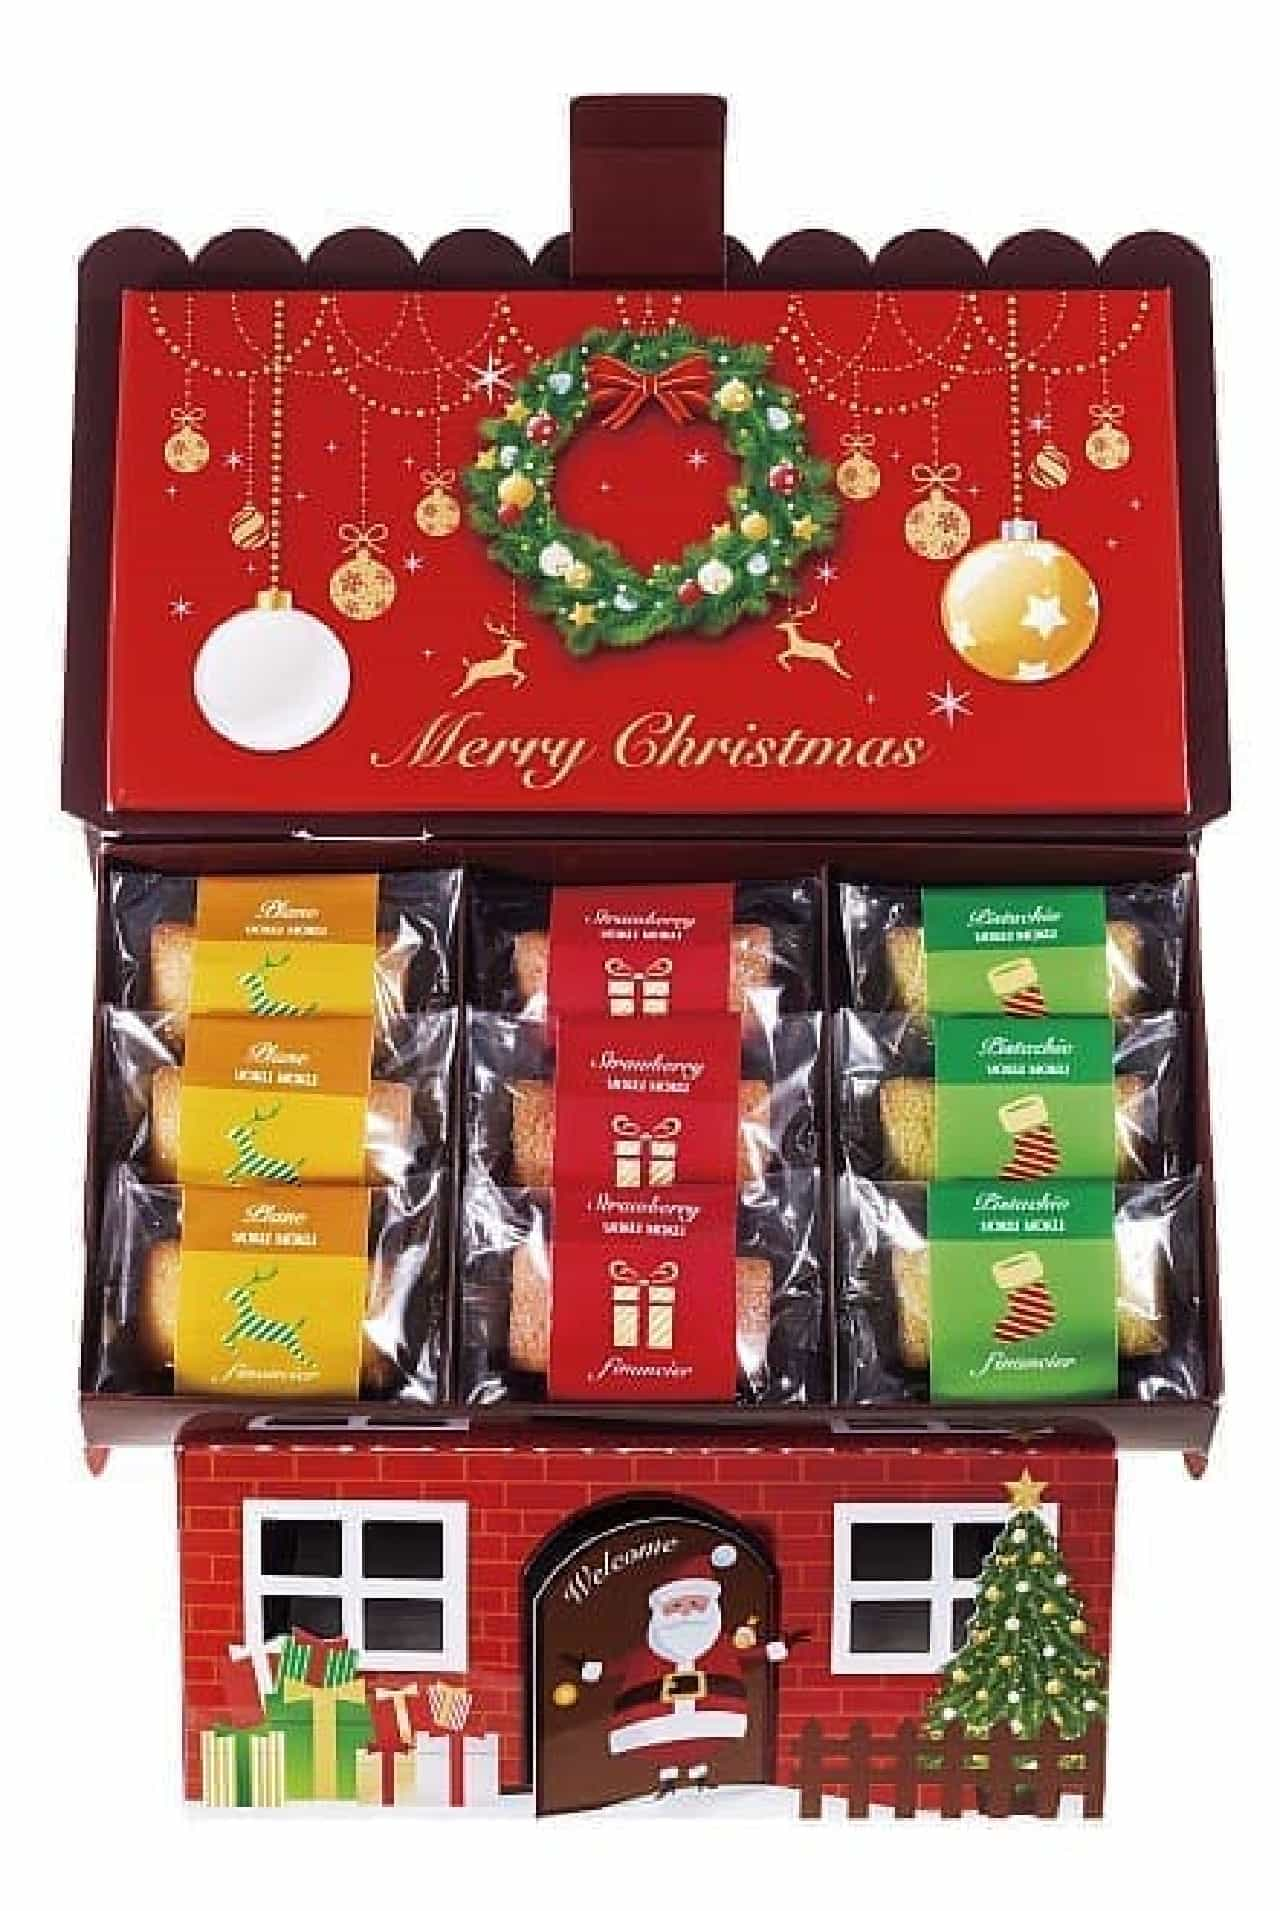 ヨックモックから「ヘクセンハウス」などのクリスマス商品